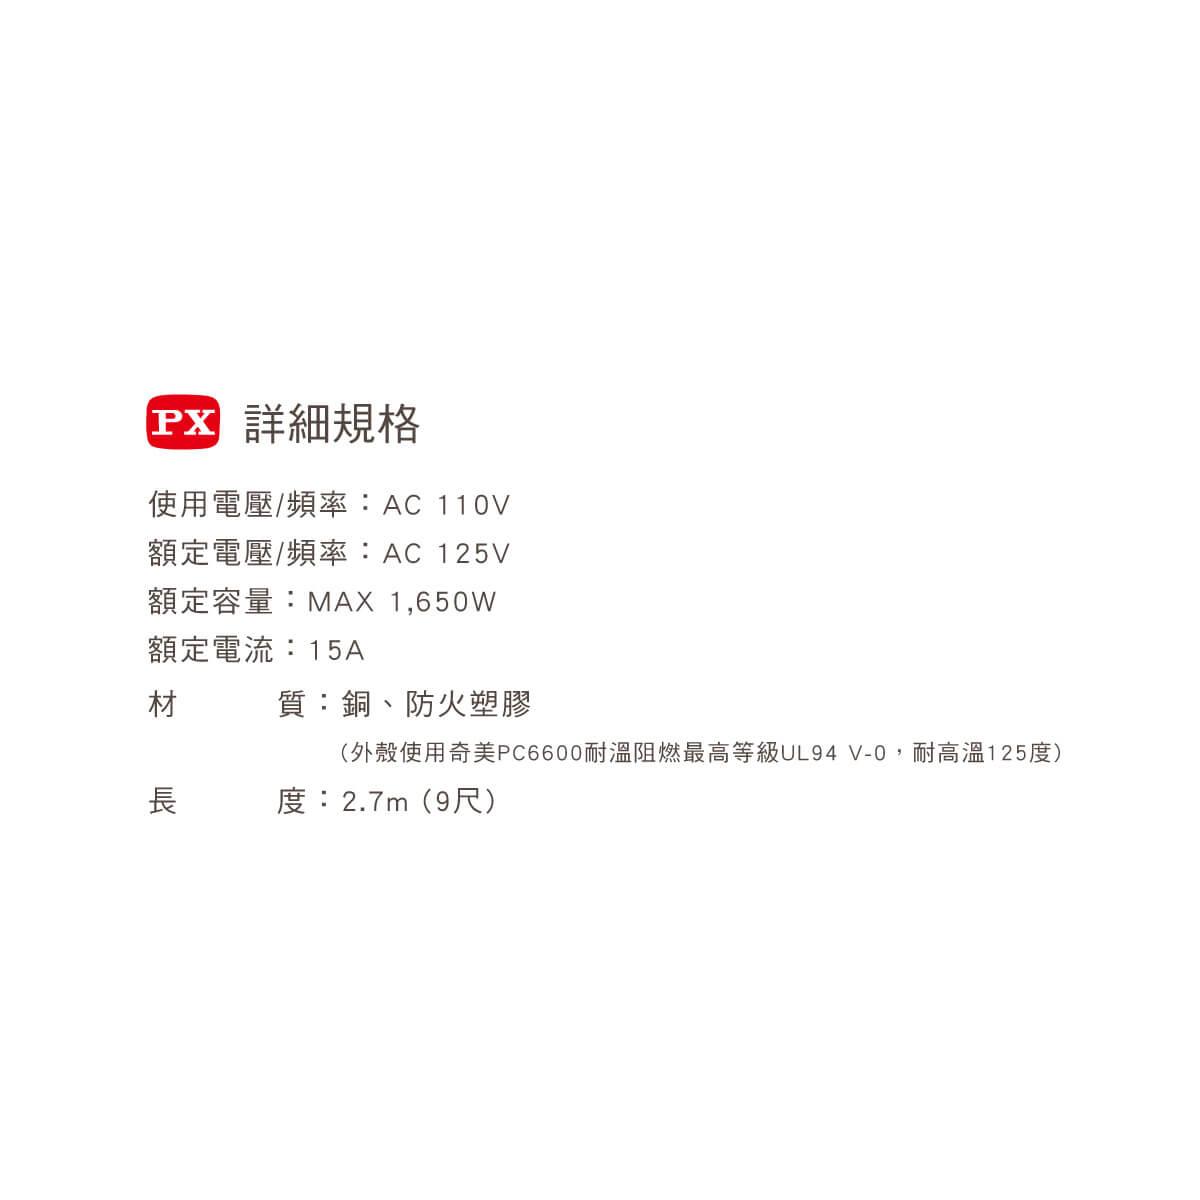 proimages/product/ExtensionCord/PEC666-669/PEC-669-09.jpg